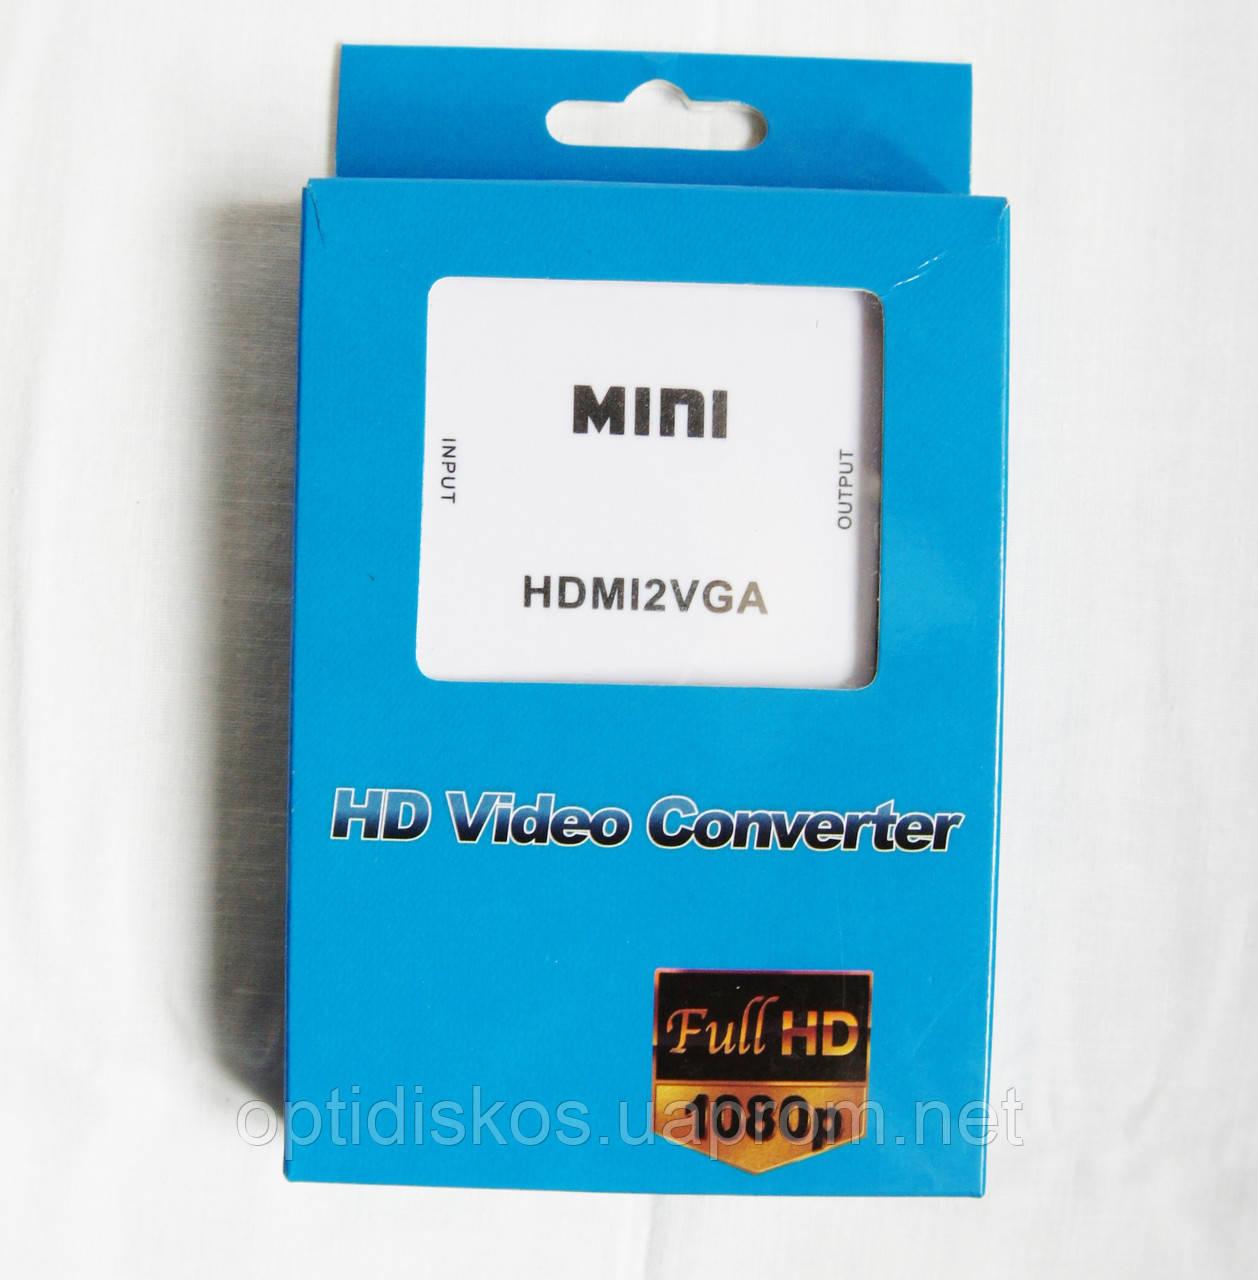 HDMI-VGA видео конвертер